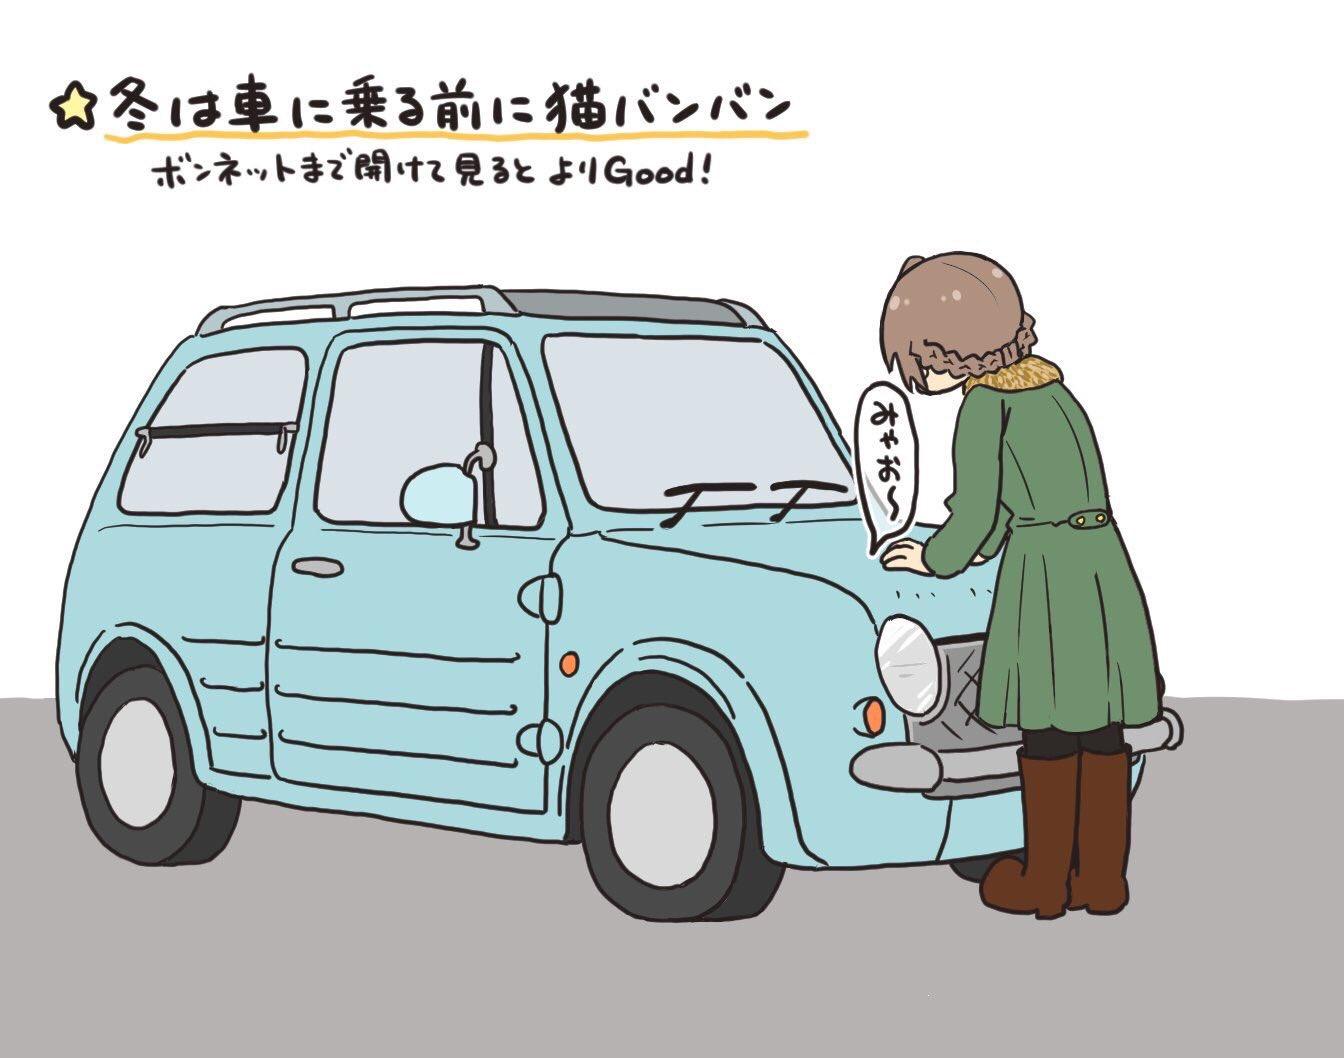 いよいよ寒くなってきましたww運転前には「猫バンバン」を忘れずに!!